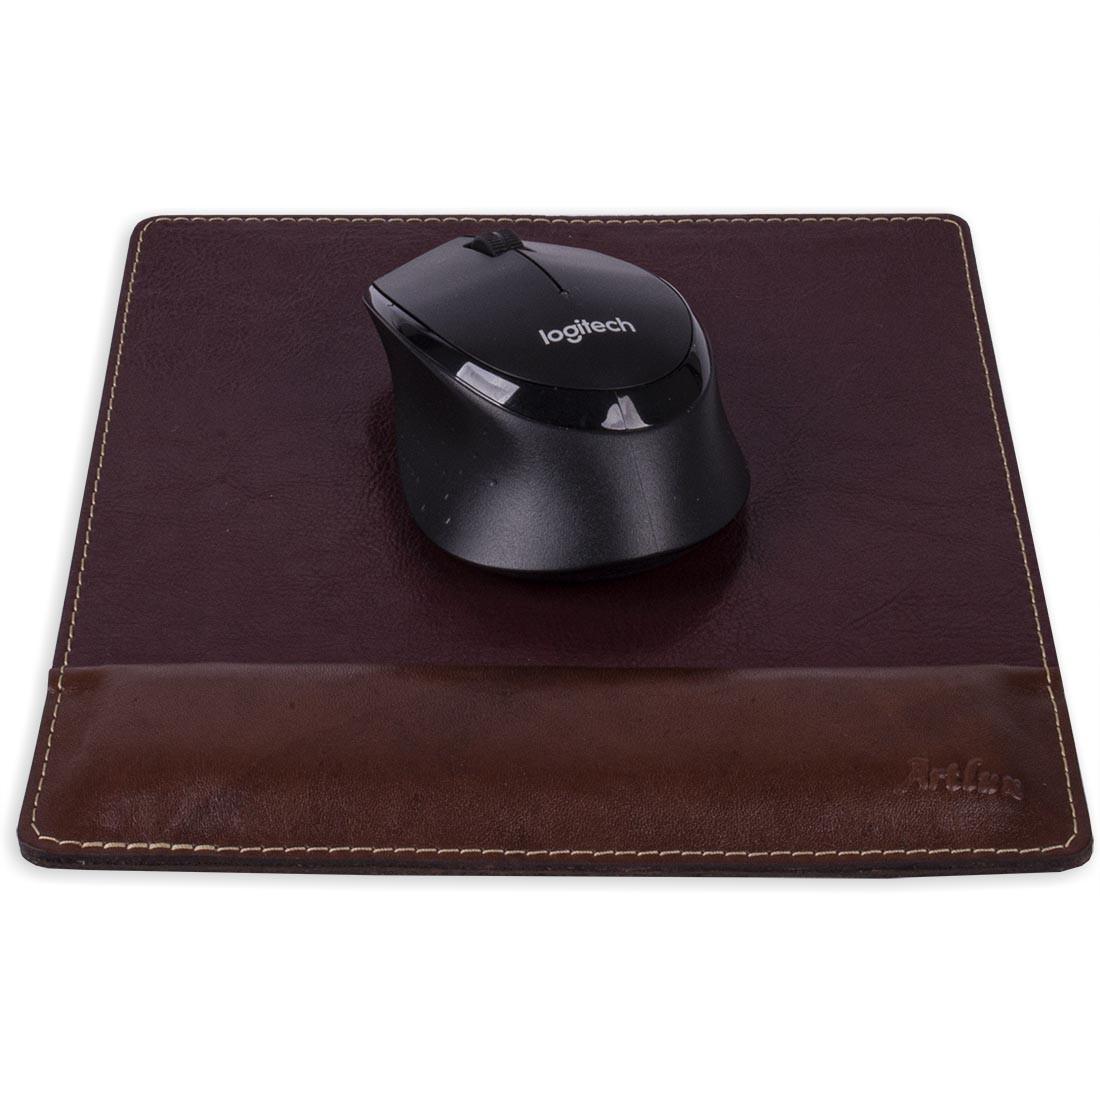 Mouse Pad com Descanso em Couro